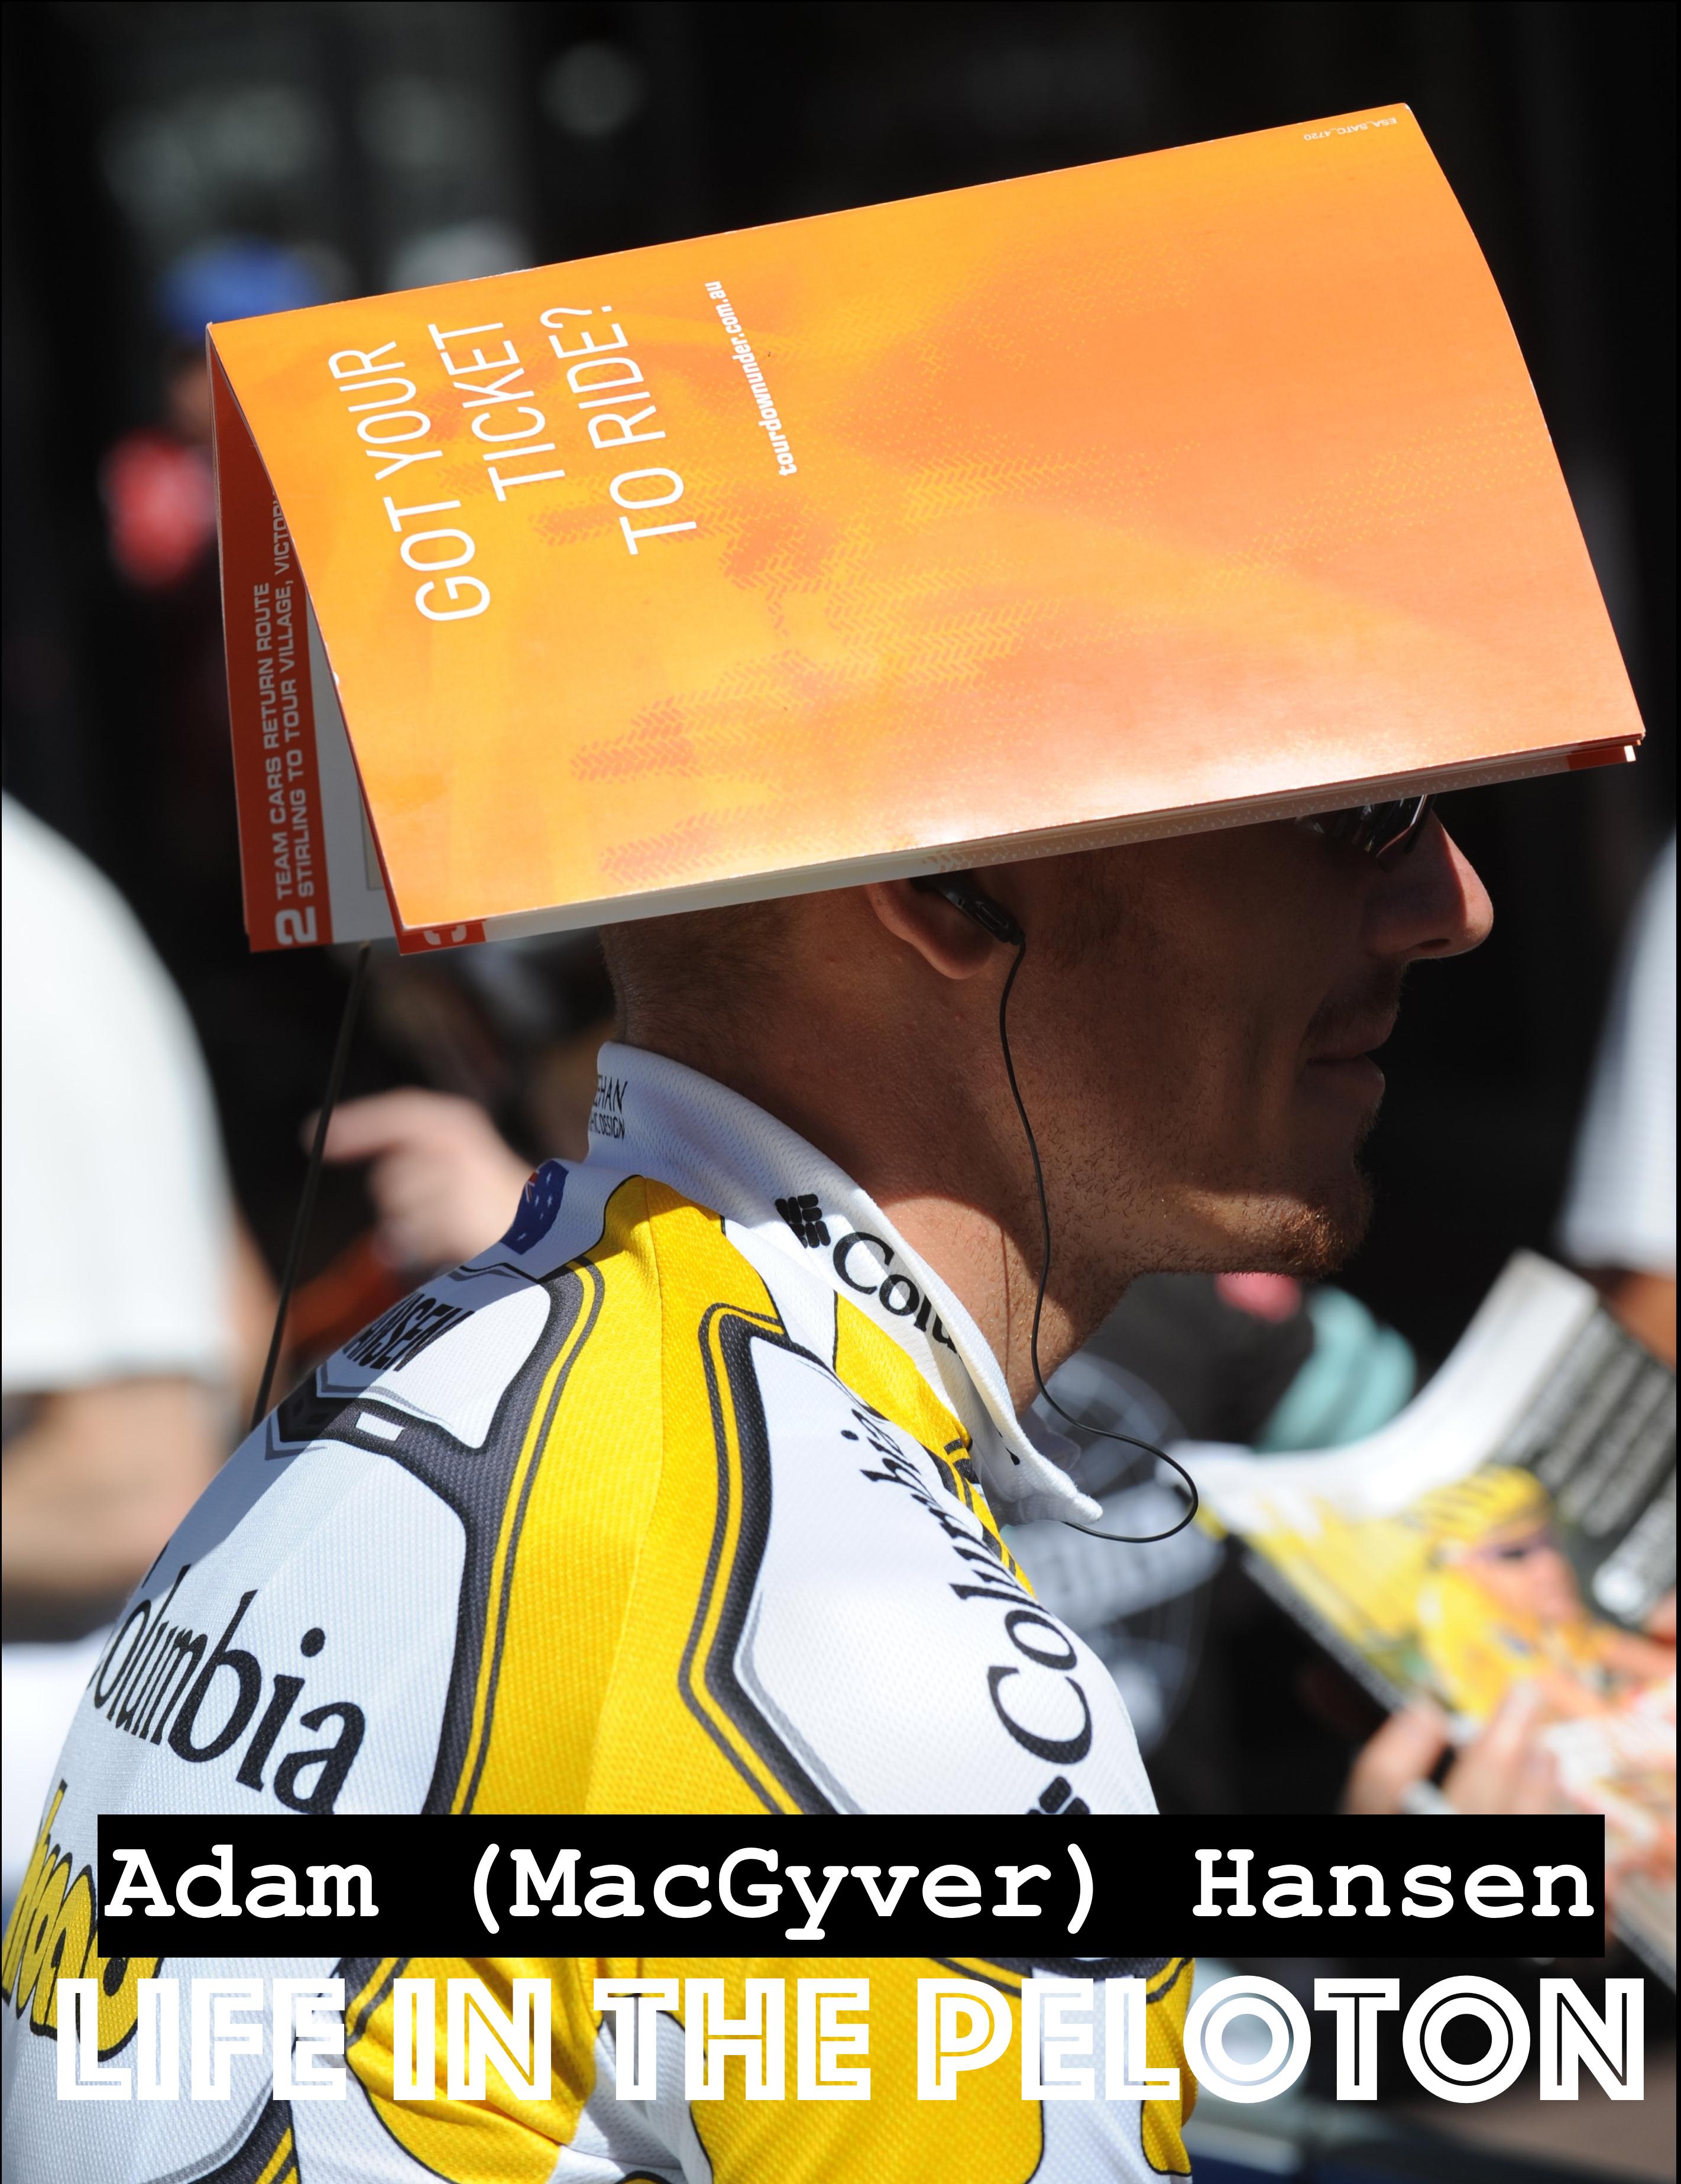 Adam (MacGyver) Hansen